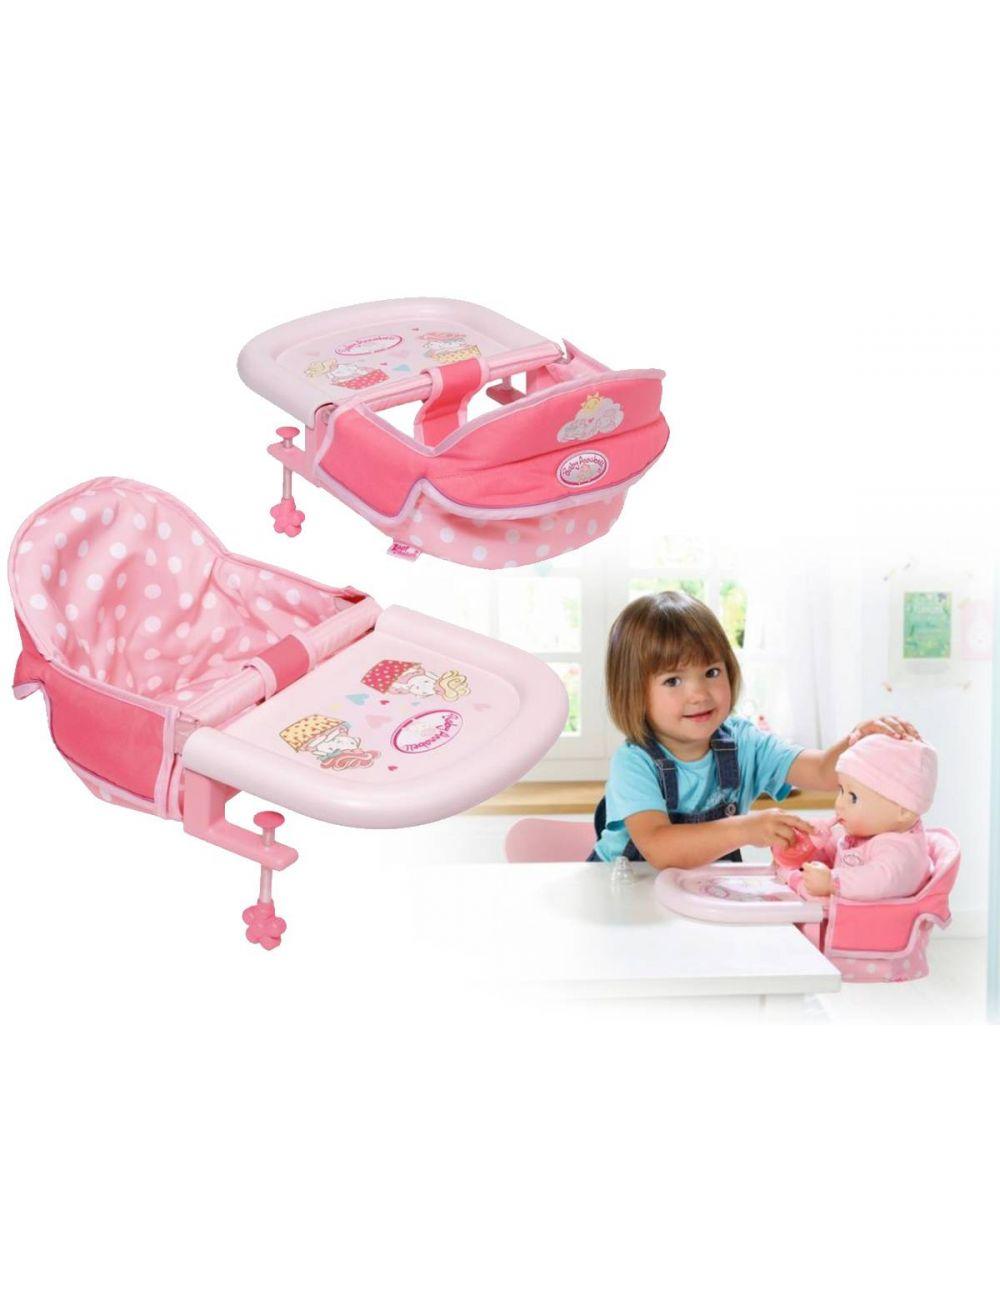 BABY Annabell Krzesło do karmienia 701126